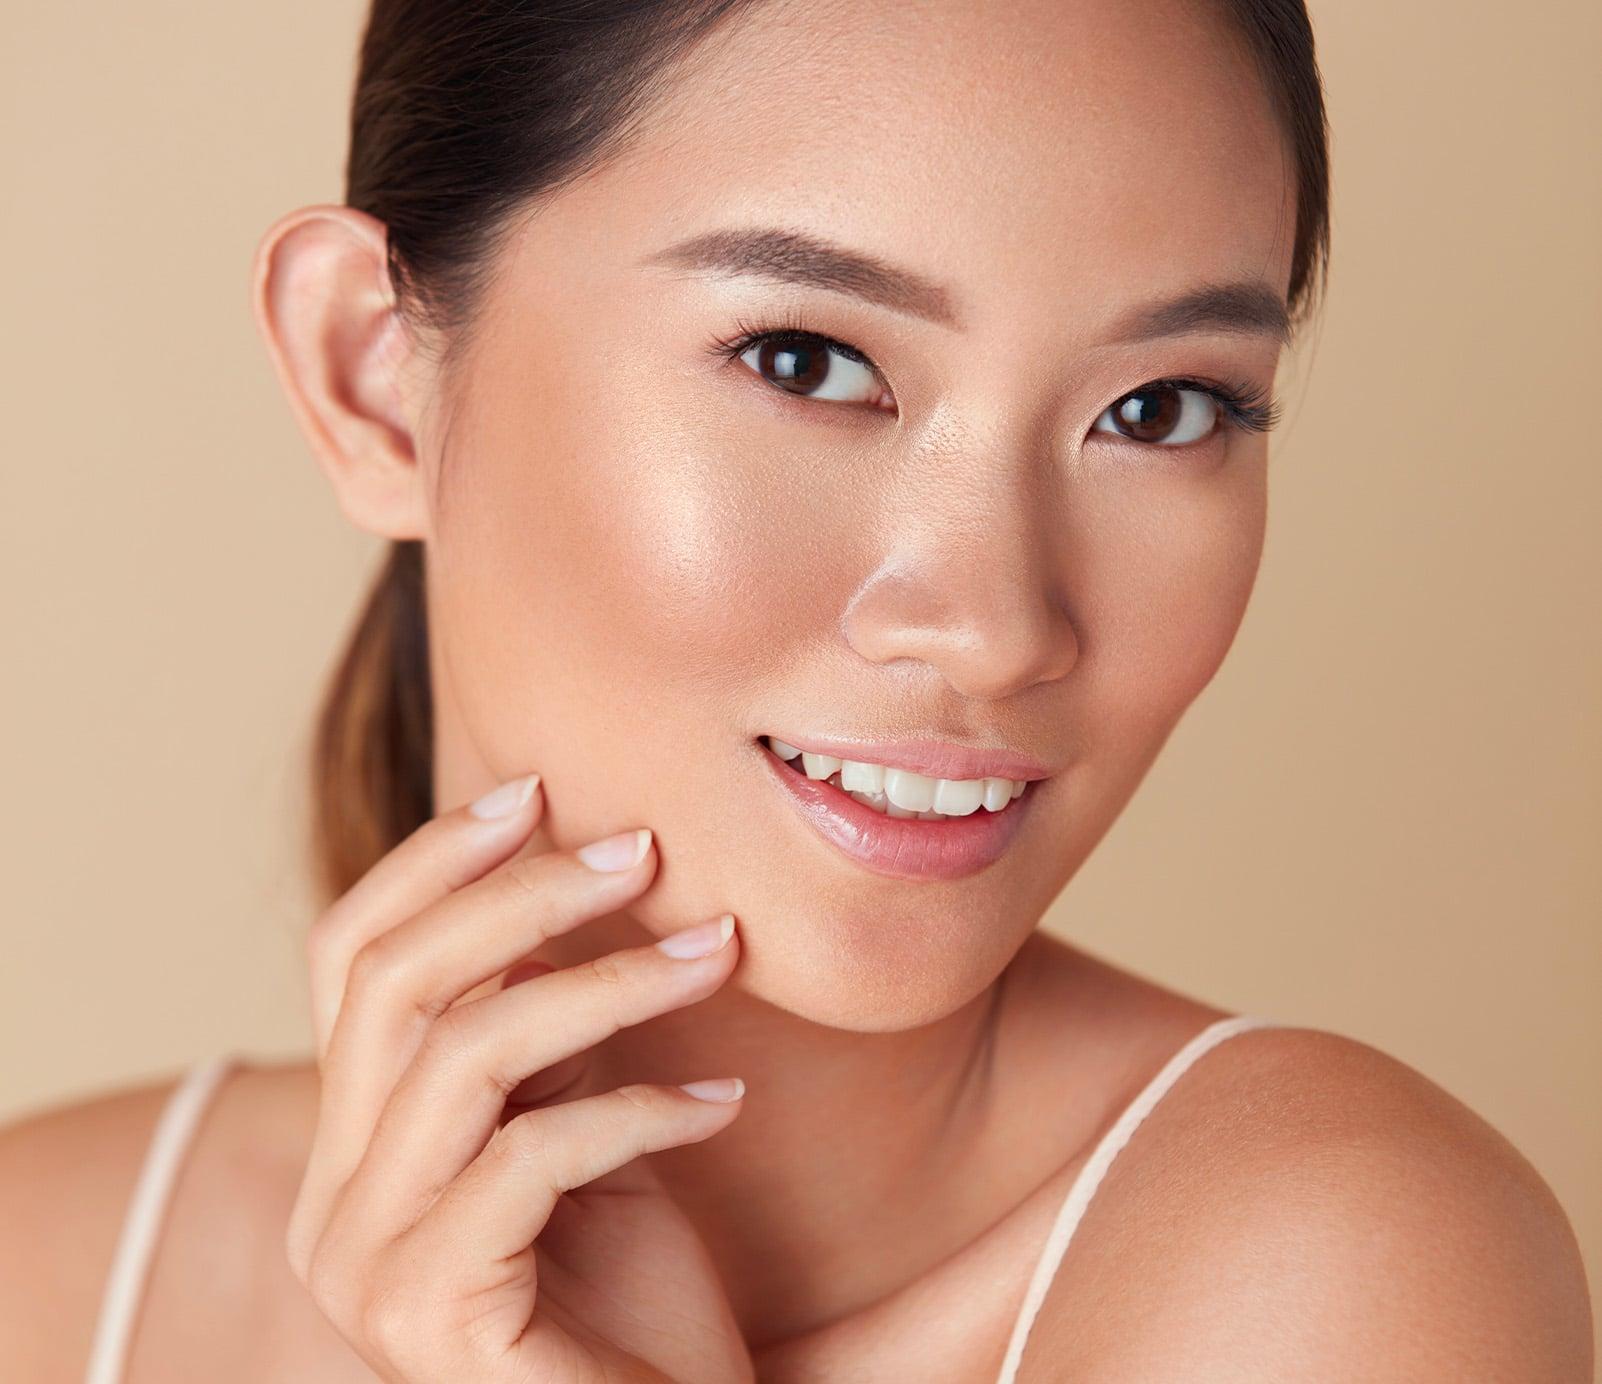 Bilan de peau du visage : centre de beauté | diagnostic gratuit sur rendez-vous à Paris | BCBG